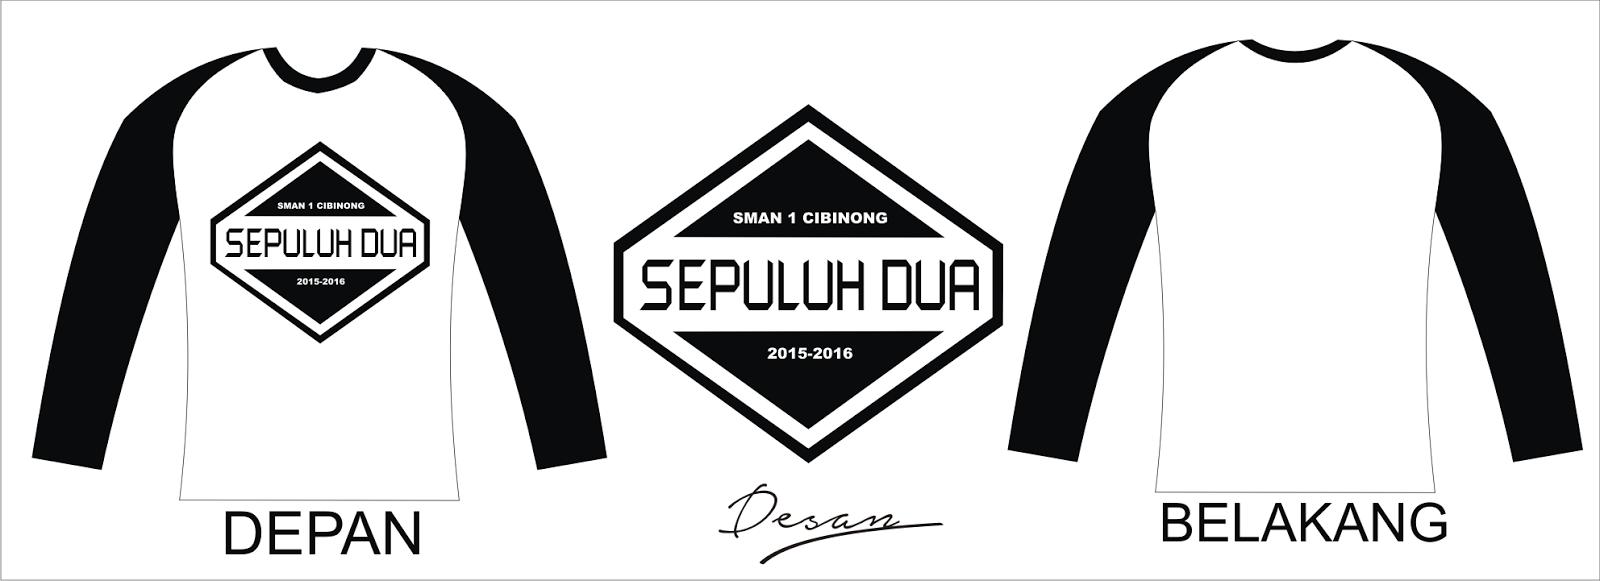 Contoh desain t shirt kelas - Desain Kaos Kelas X 2